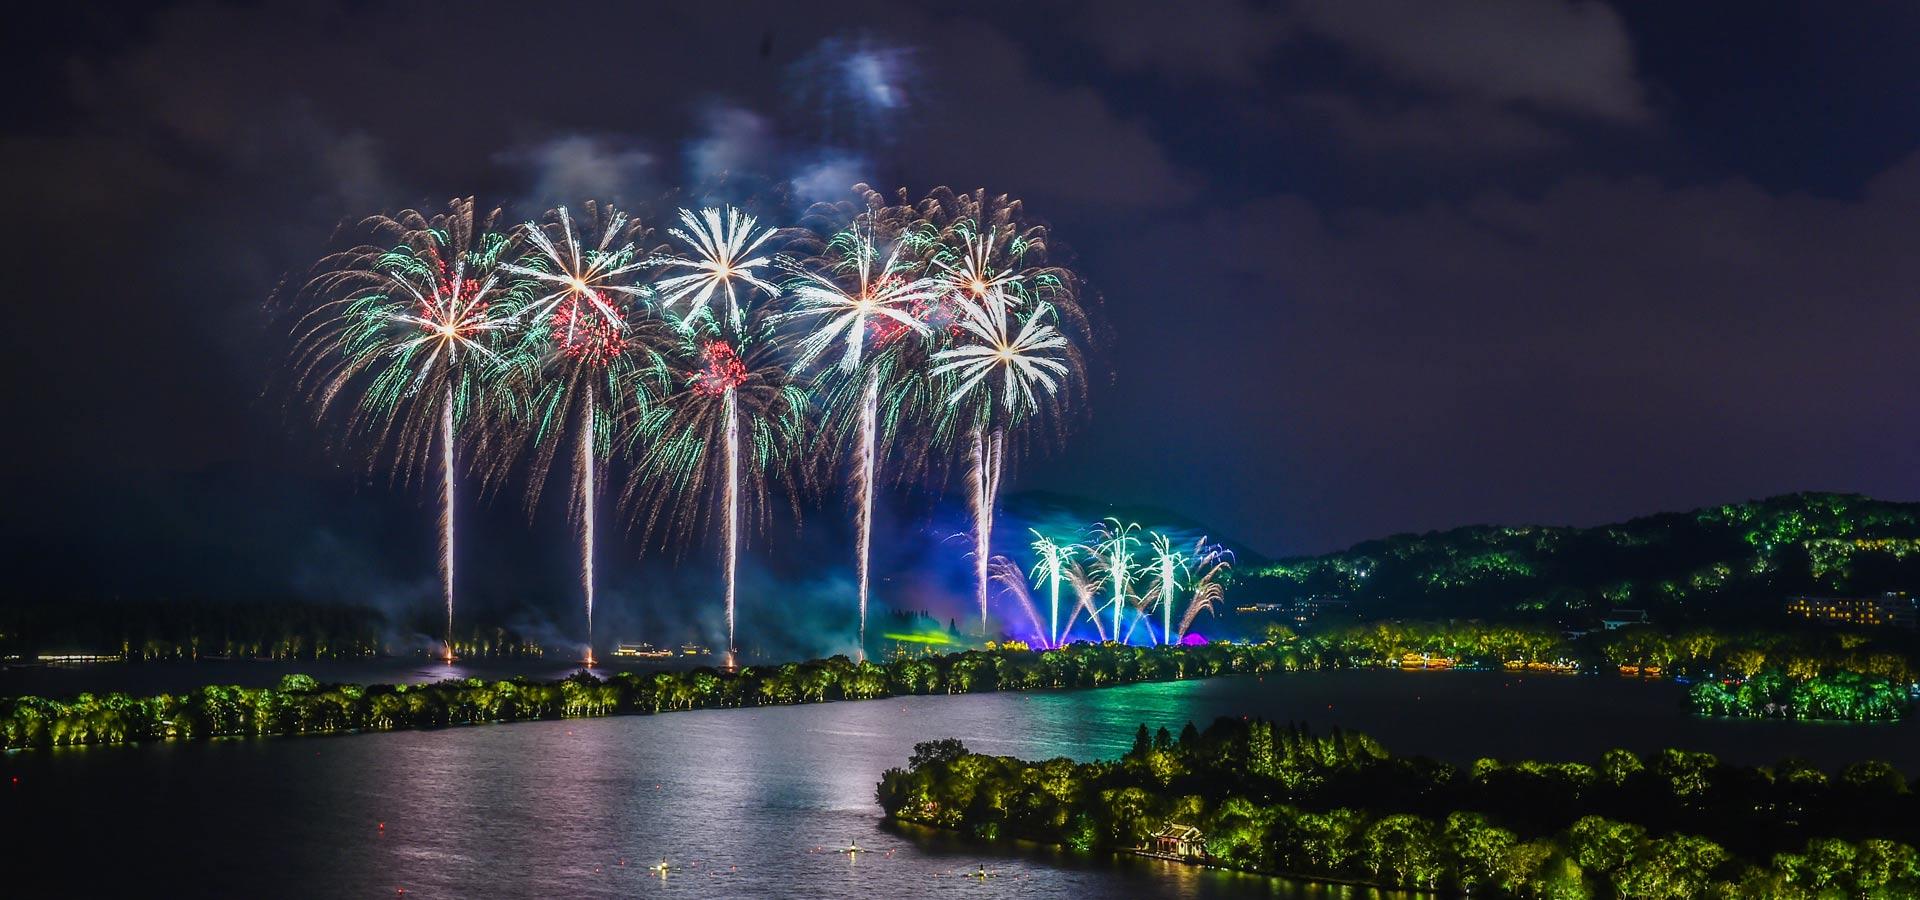 璀璨焰火照杭城